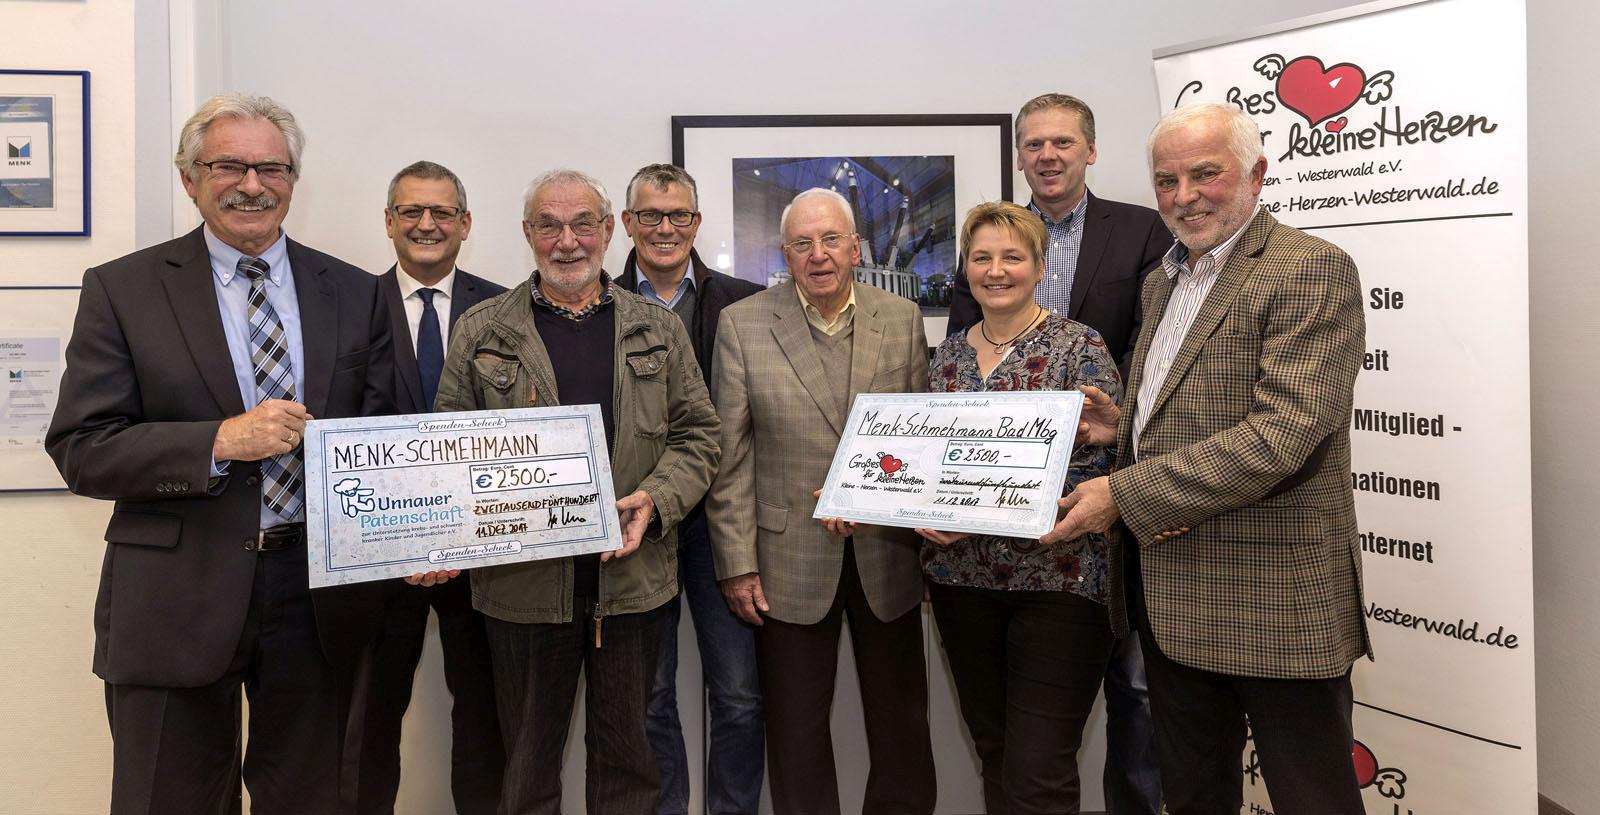 Menk-Schmehmann-Group spendet statt Weihnachtsgeschenke